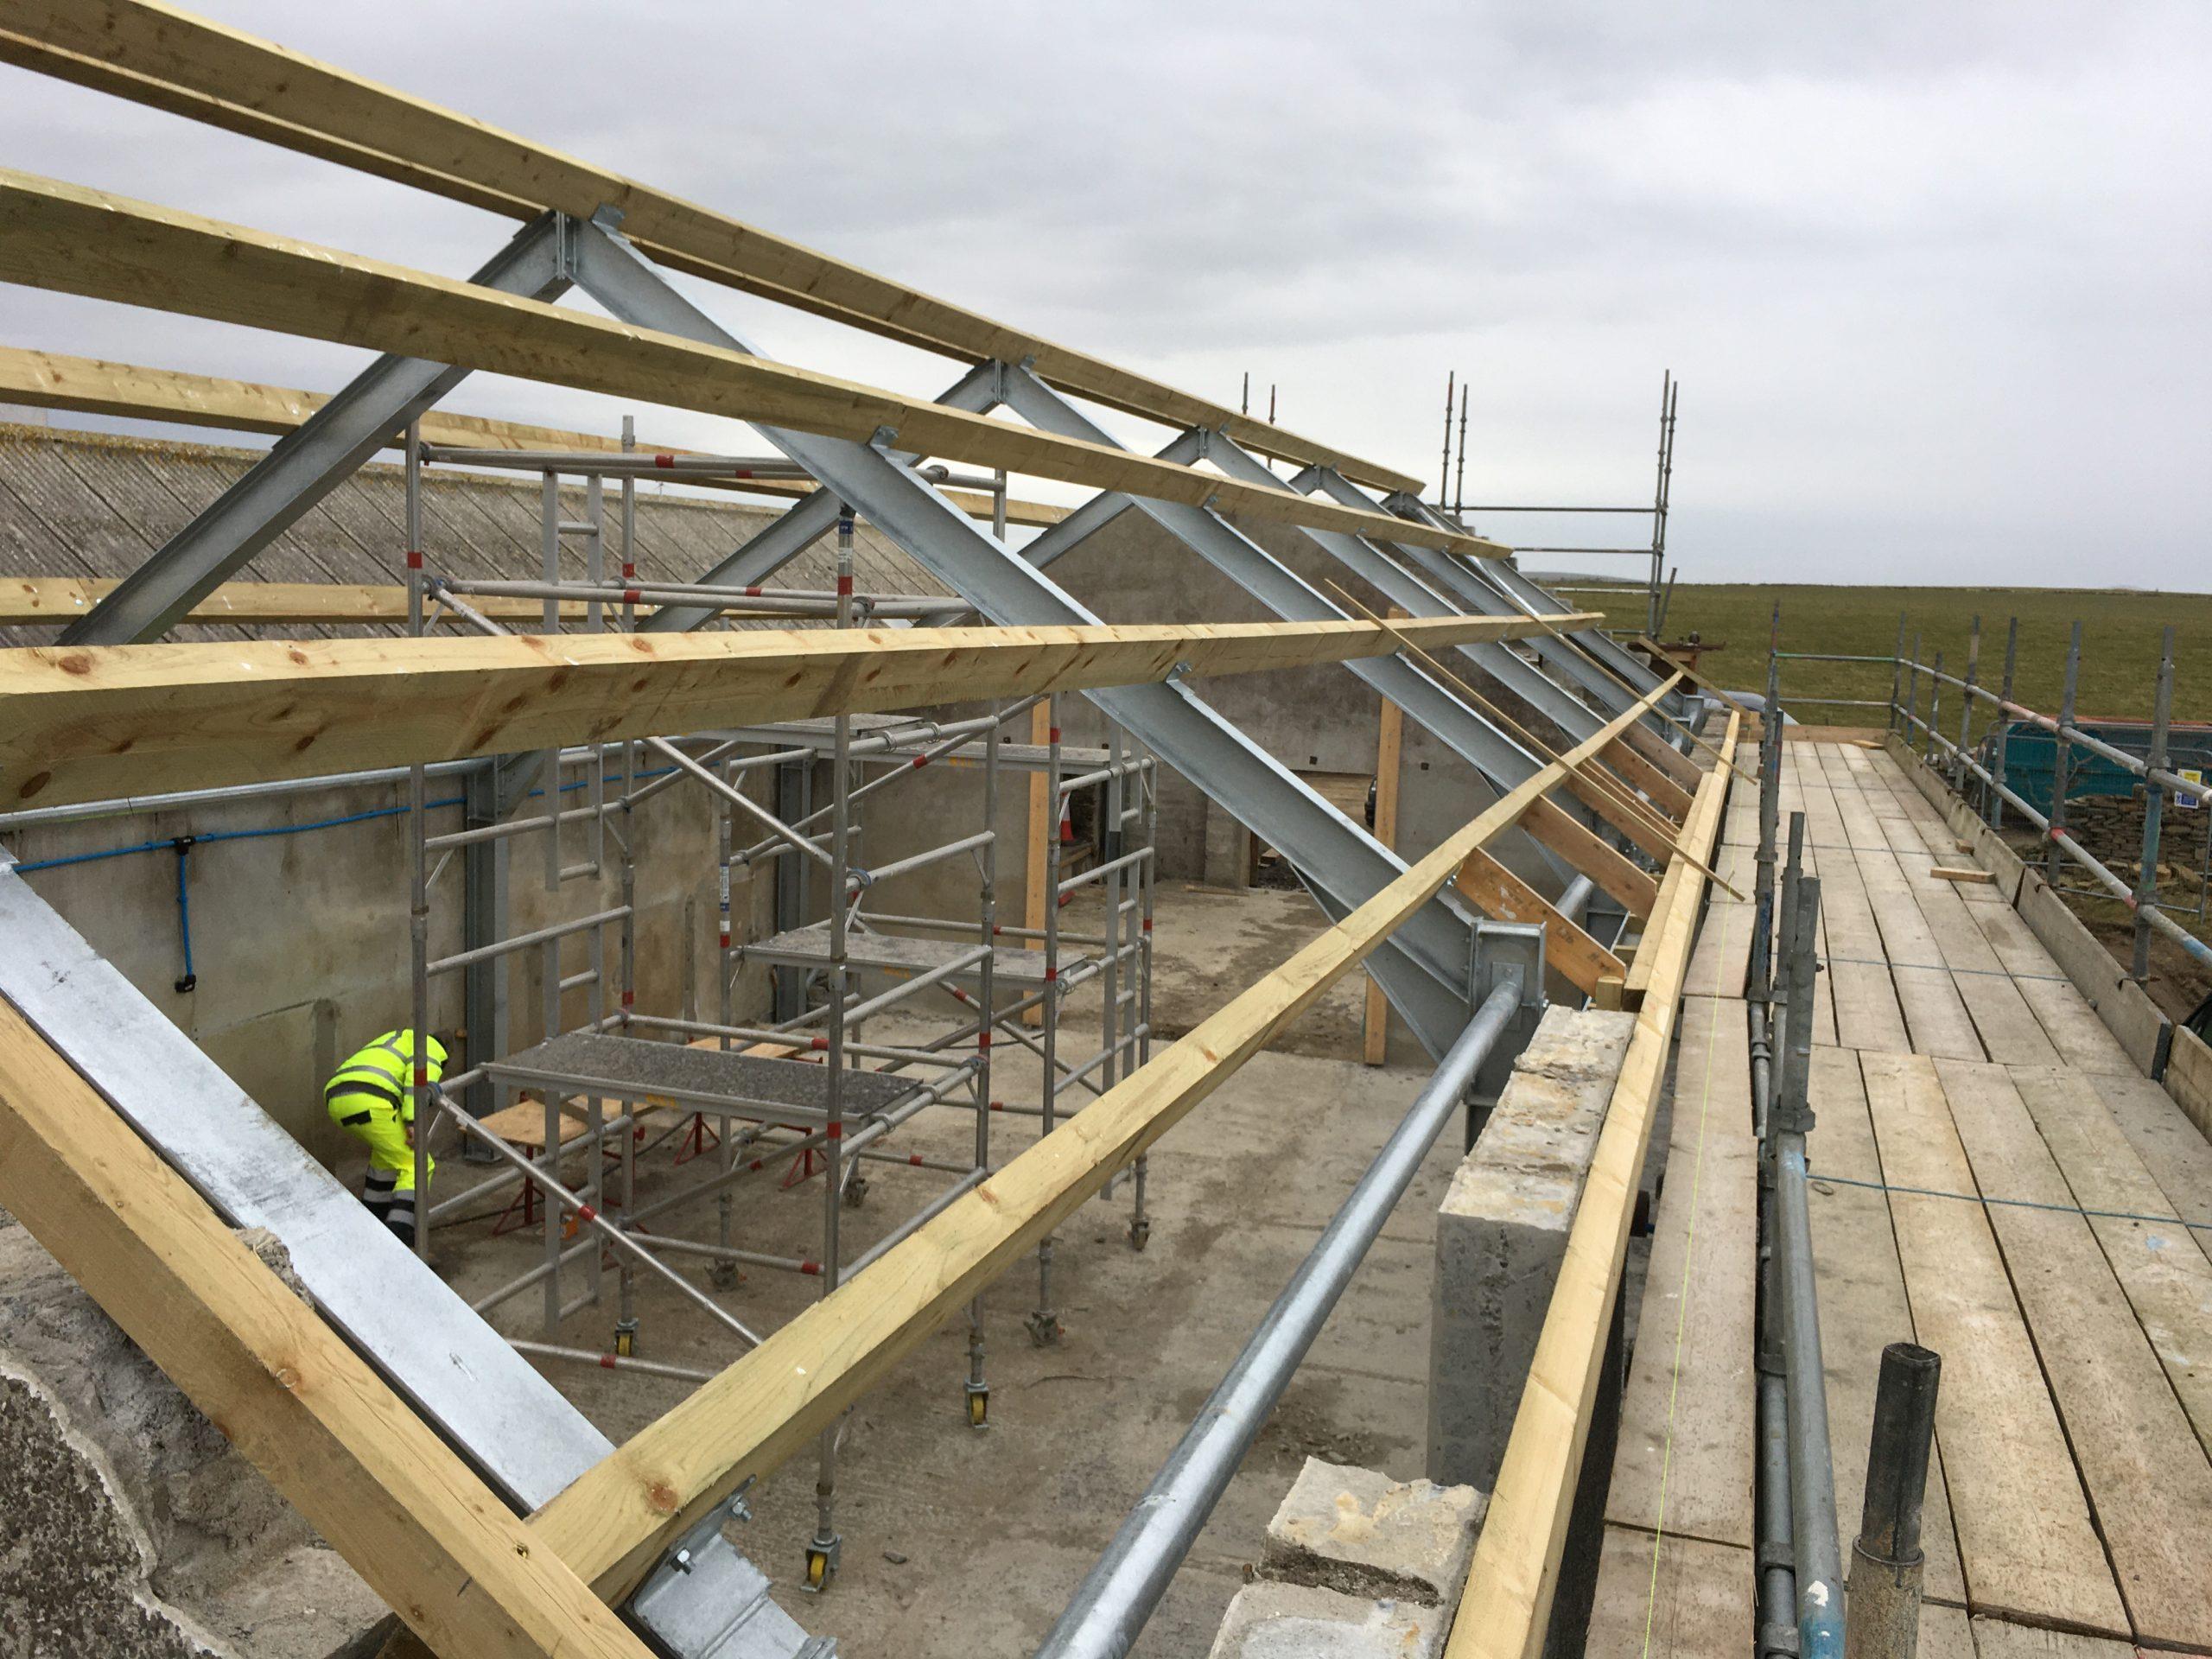 Steel Frame Building Under Construction.